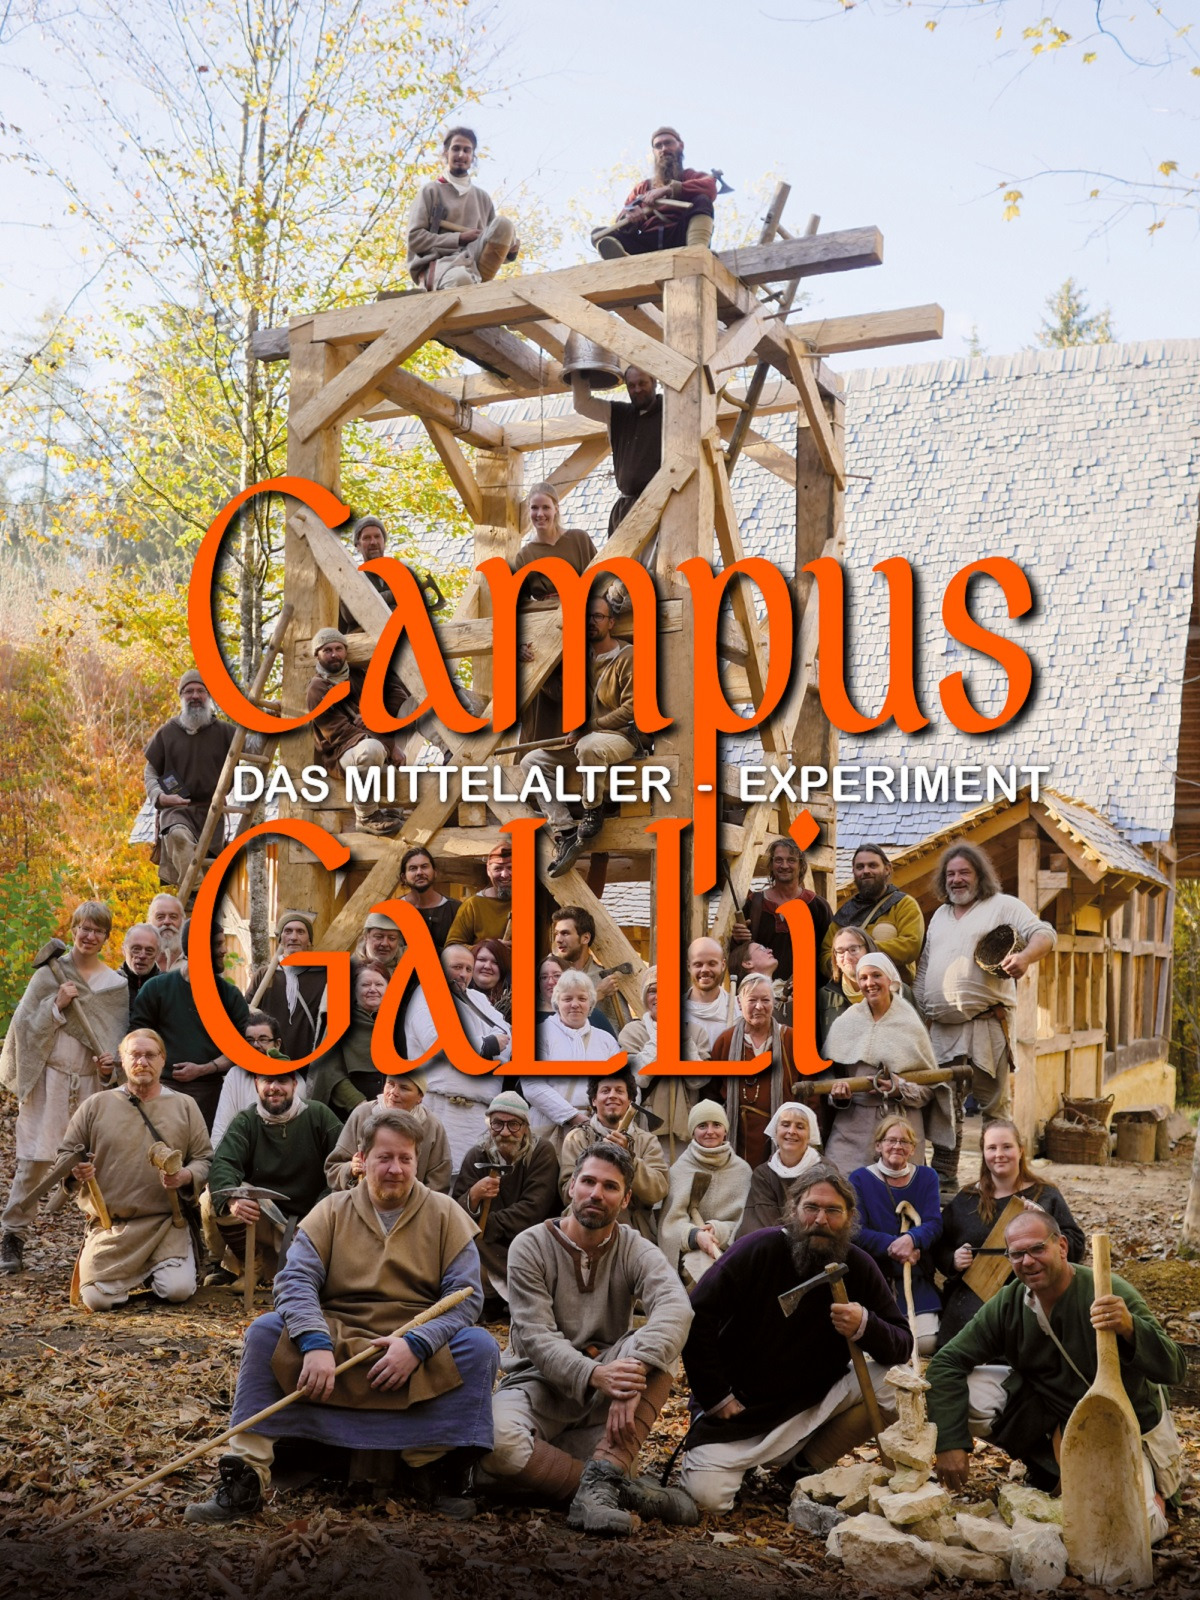 Campus Galli: Das Mittelalterexperiment